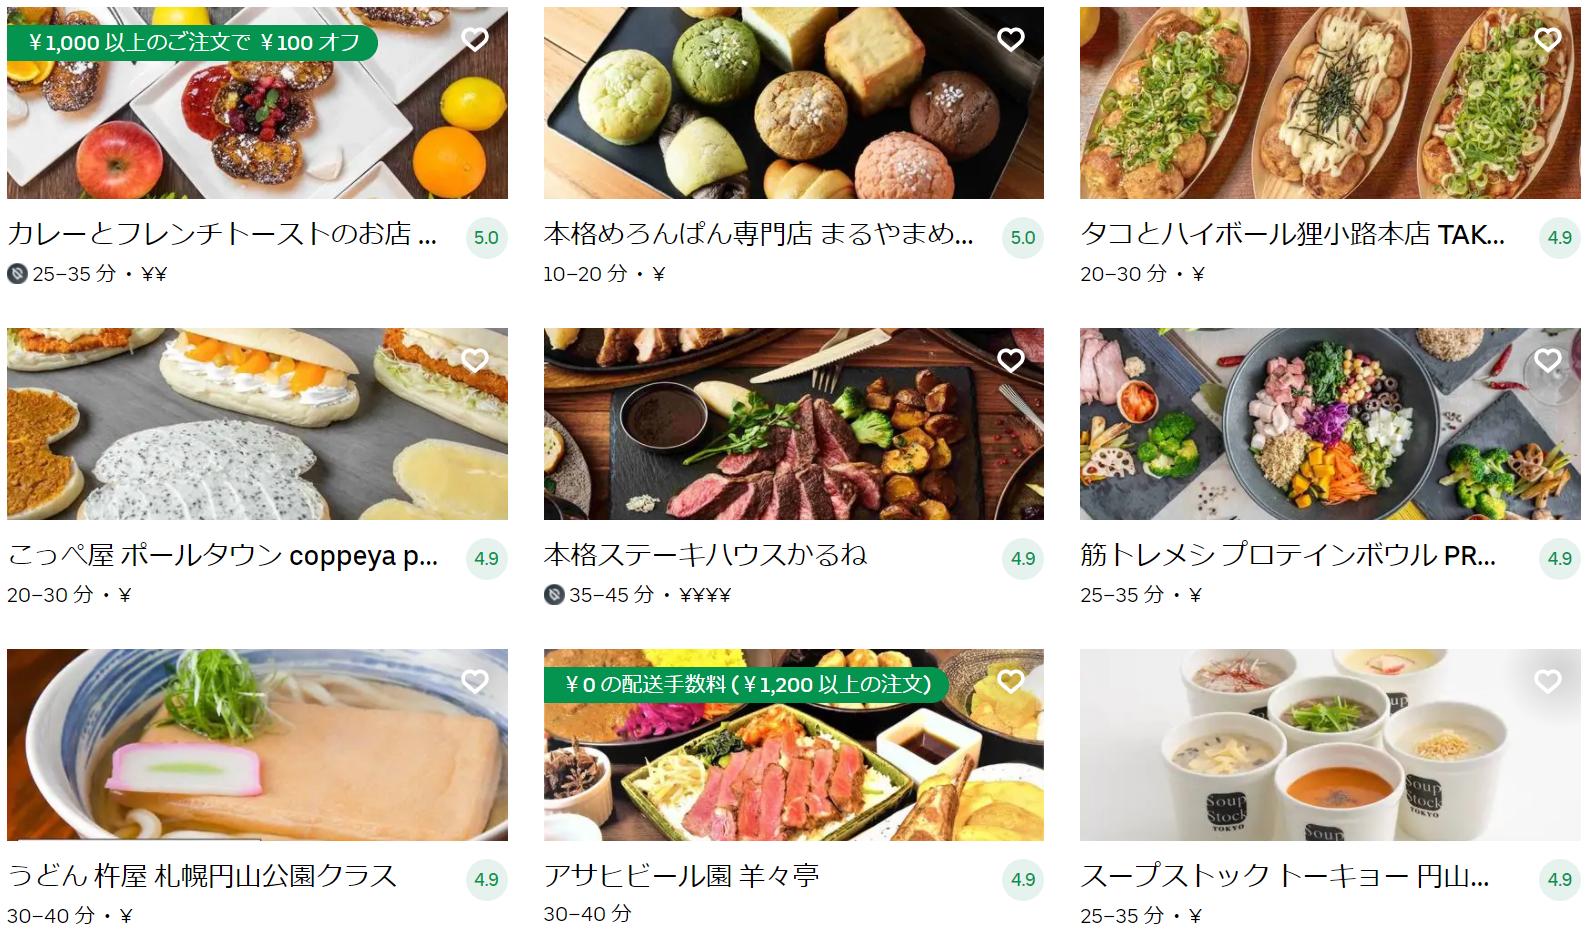 札幌市中央区エリアのおすすめUber Eats(ウーバーイーツ)メニュー